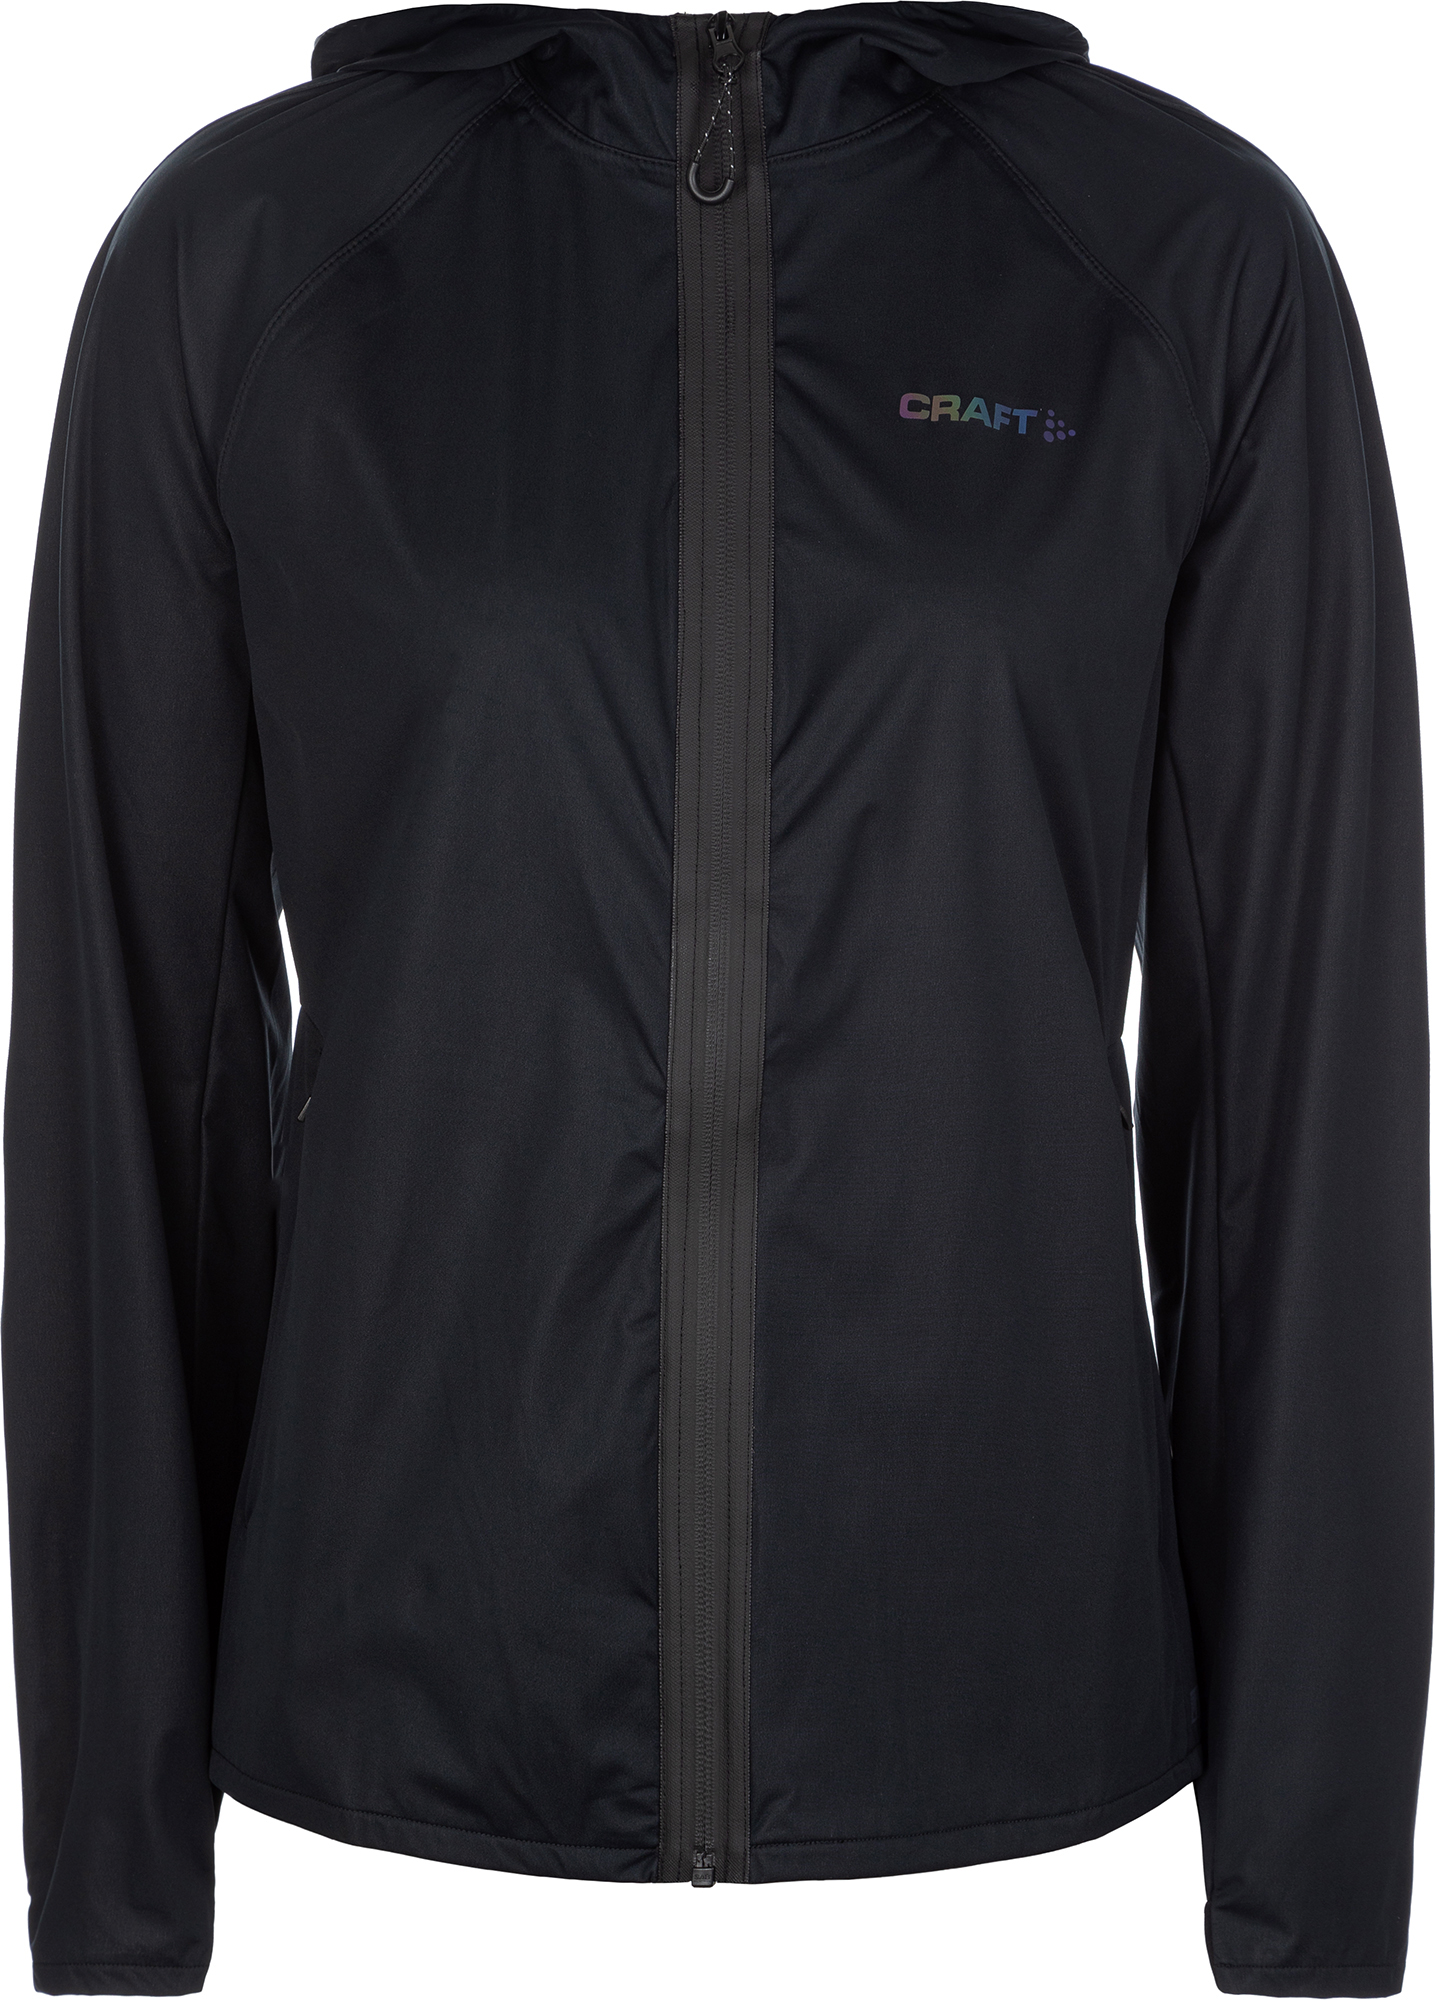 Фото - Craft Куртка женская Craft Hydro, размер 46-48 craft куртка мужская craft размер 52